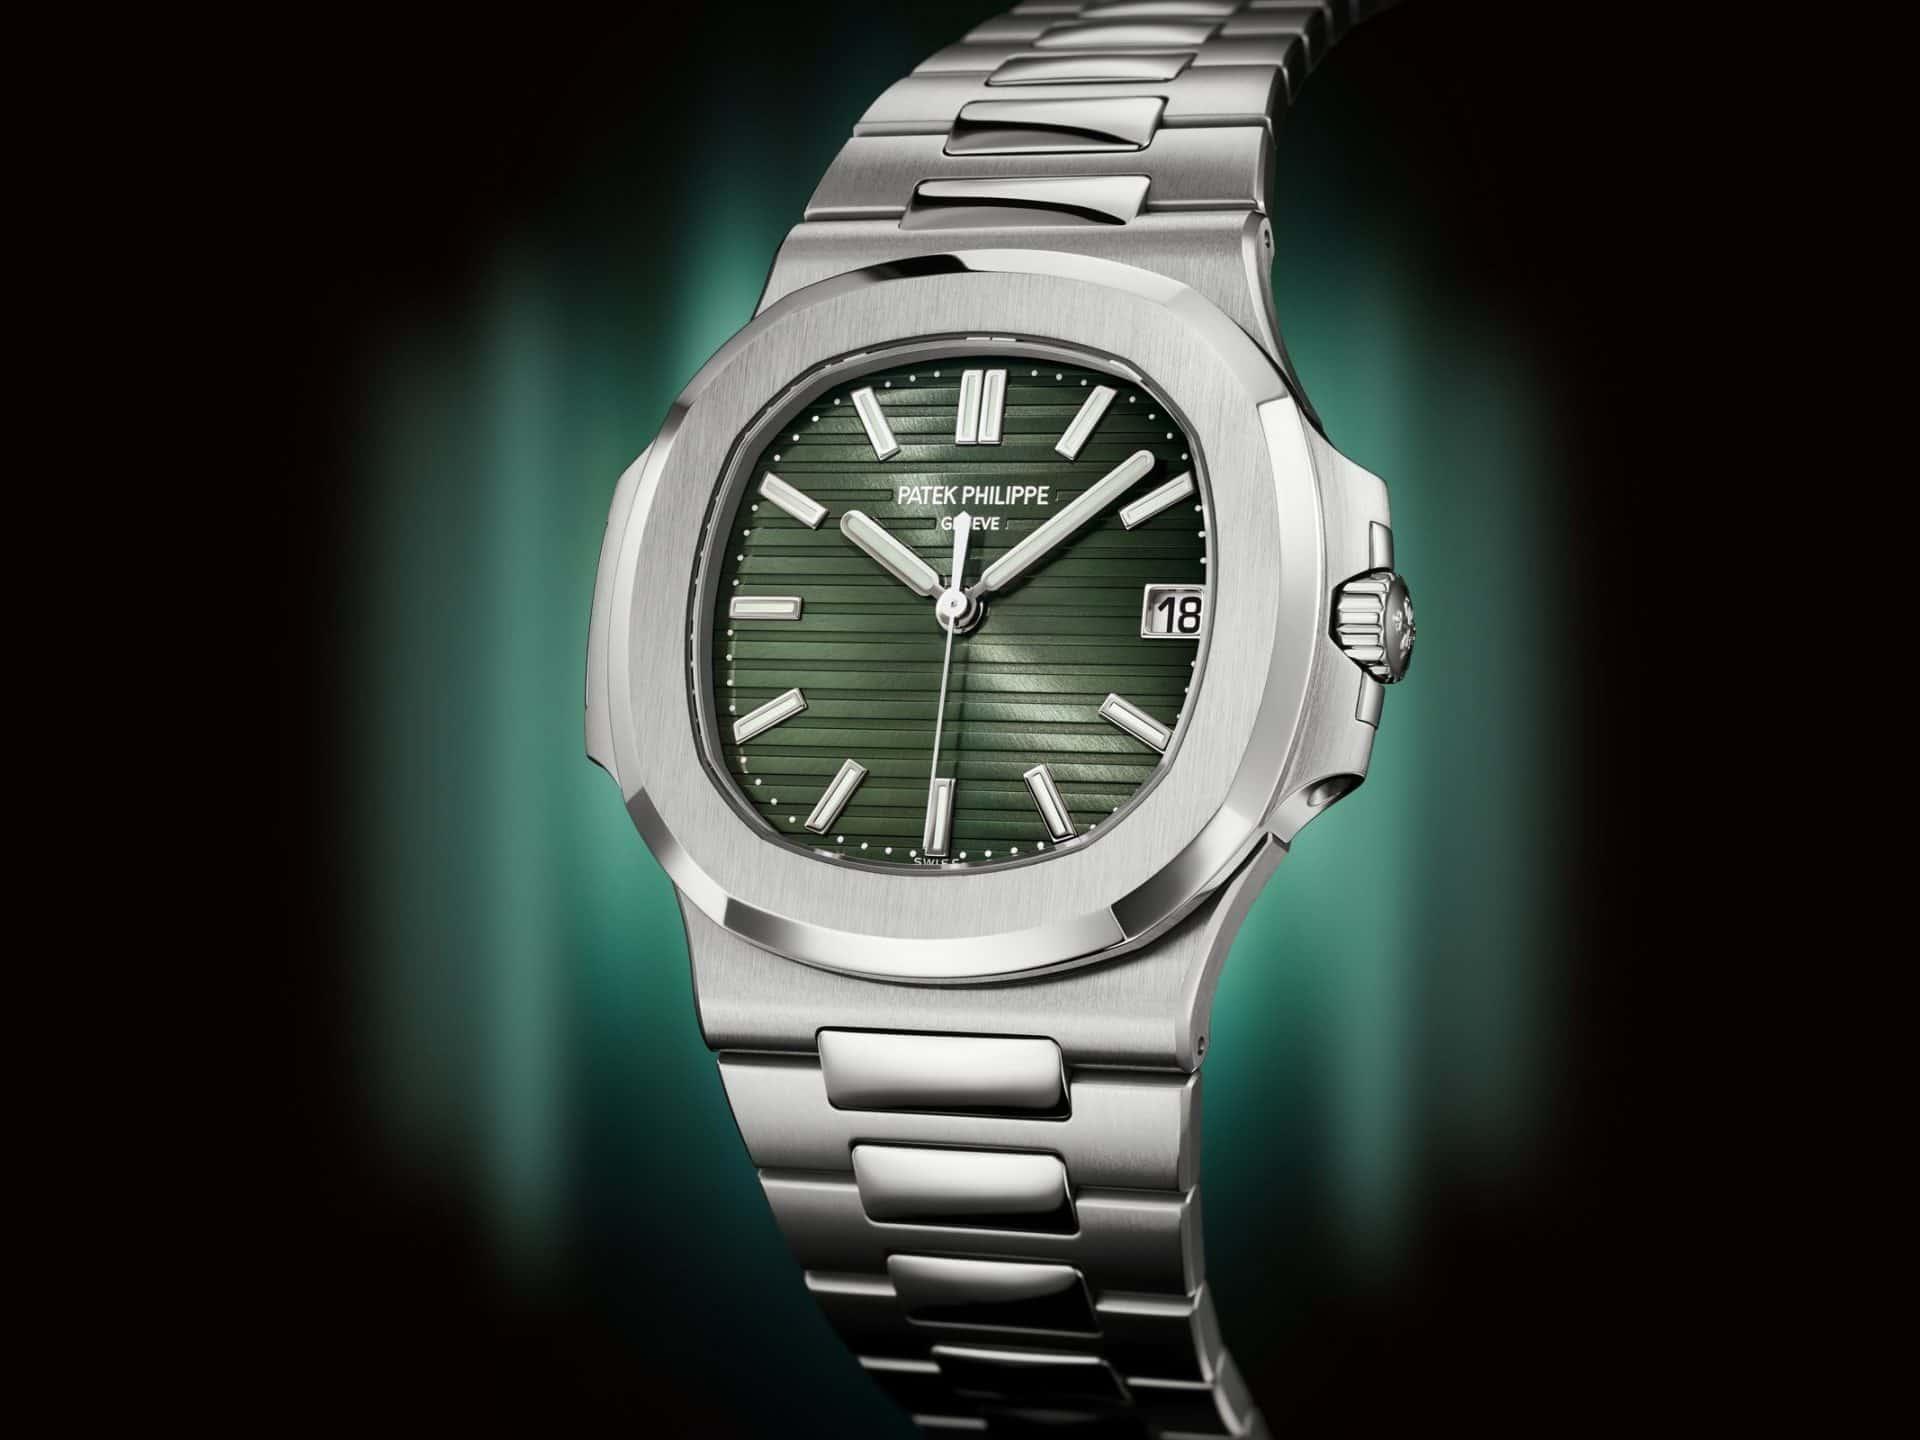 Watches and Wonders Genf 2021Letzte Patek Philippe Nautilus 5711 in Stahl kommt mit grünem Zifferblatt